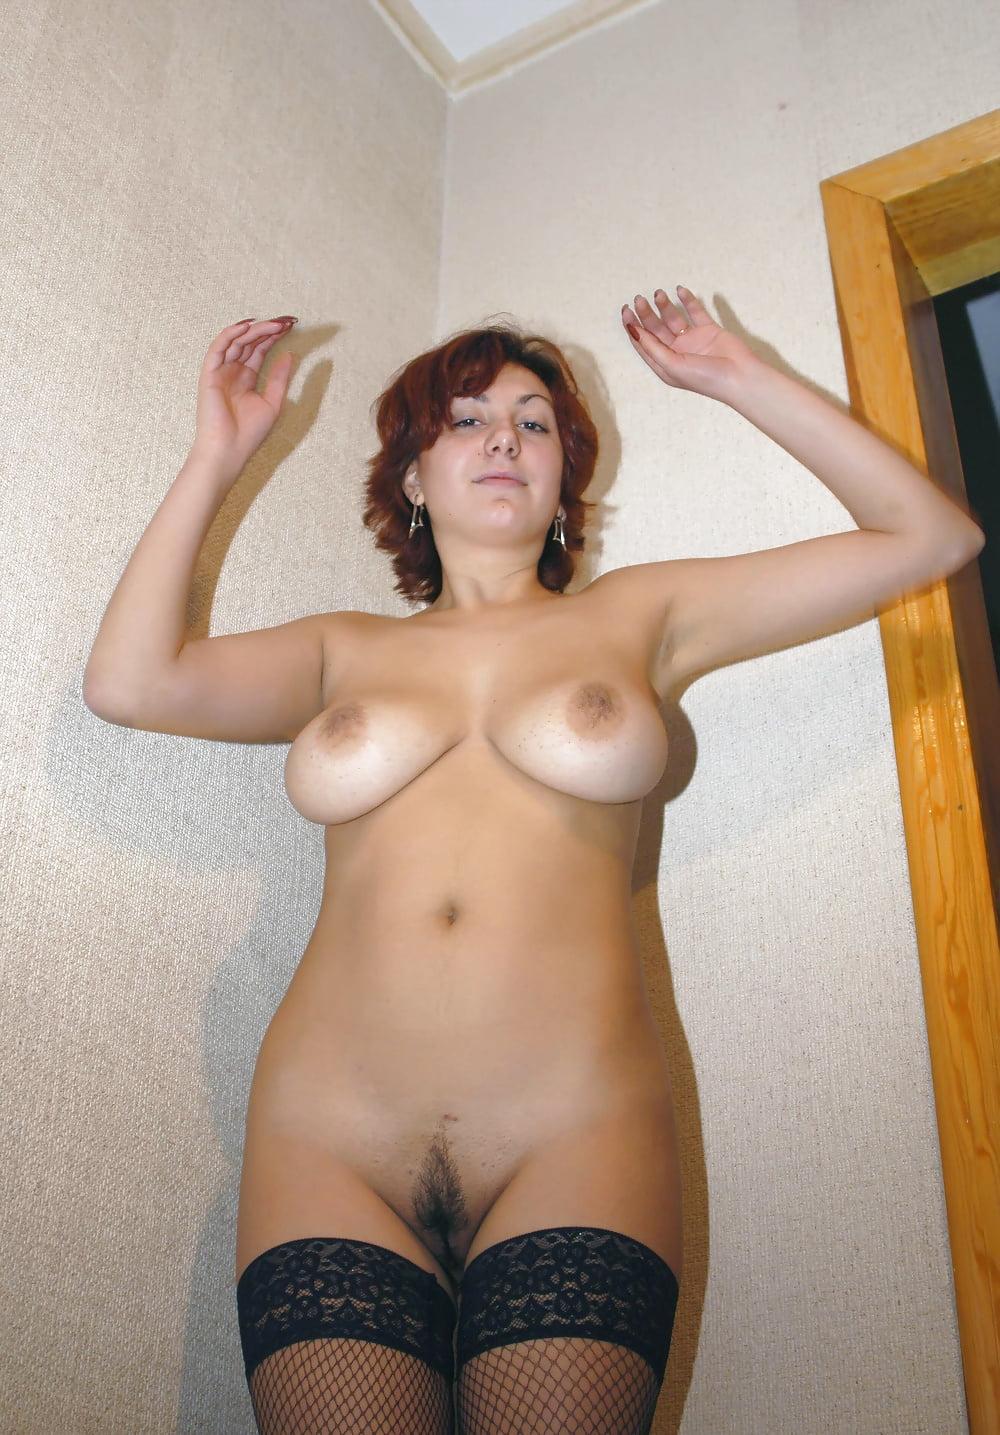 Nackte Frauen Fotos